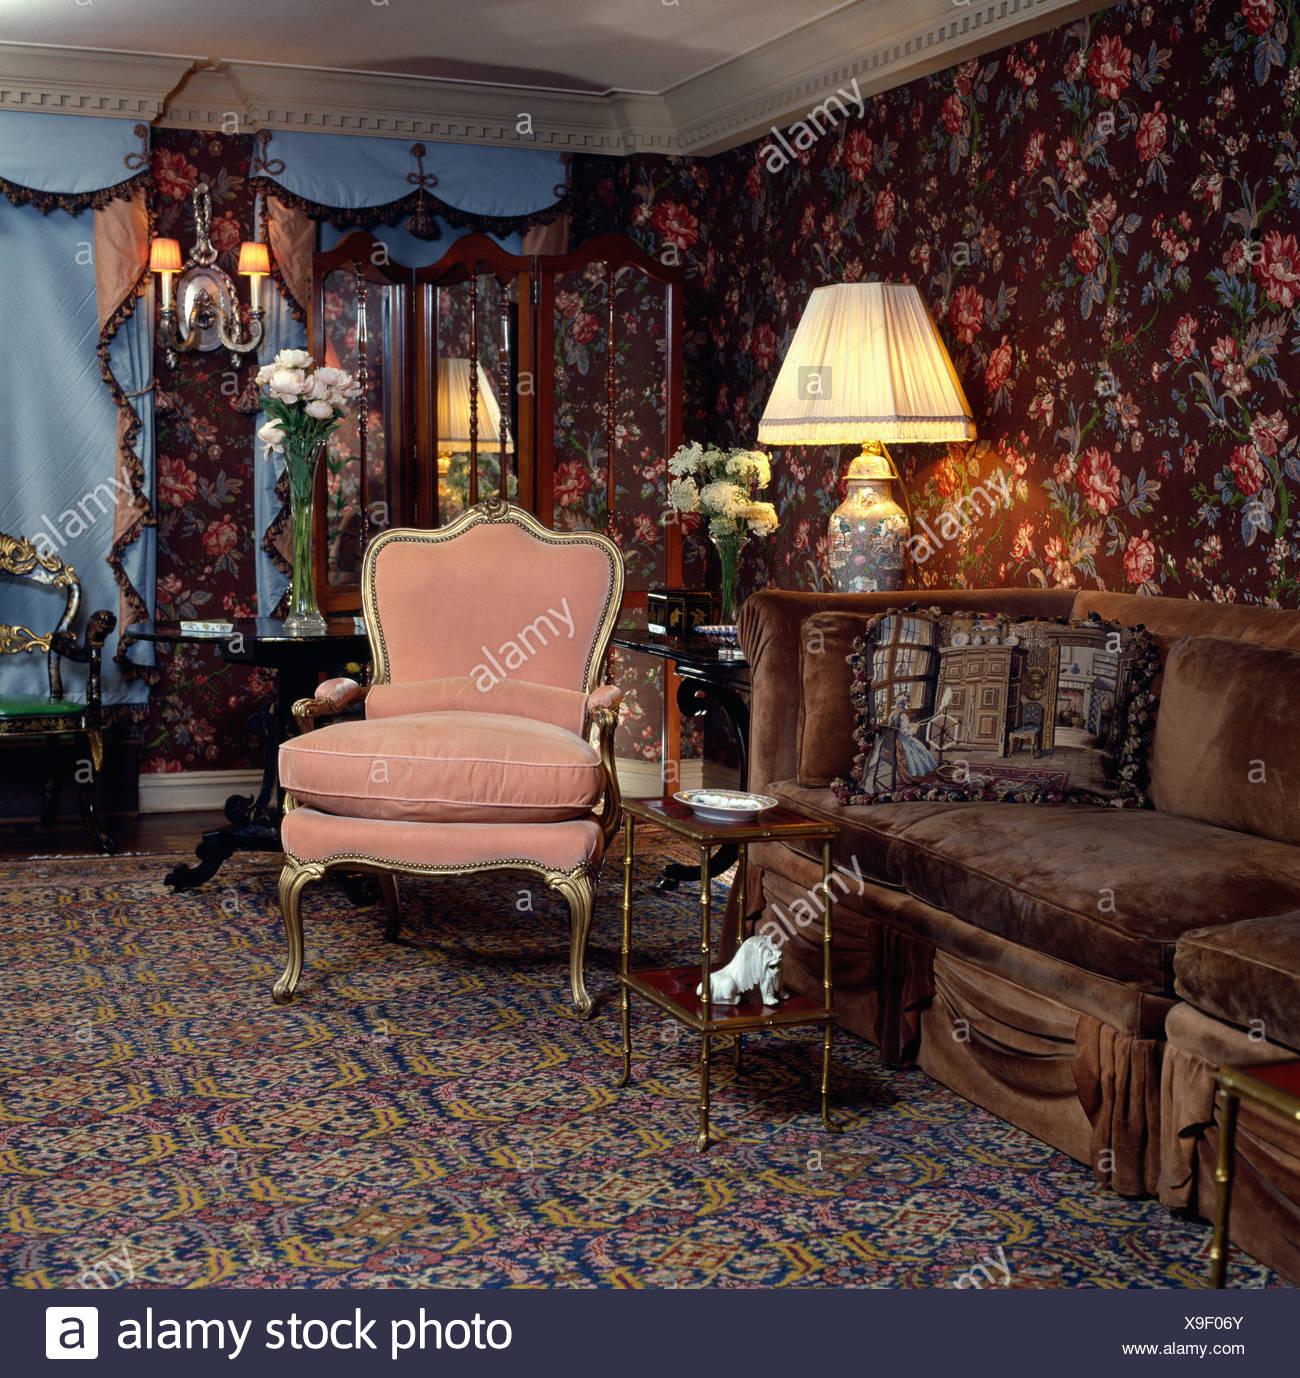 Stunning Wohnzimmer Braun Rosa Pictures - Farbideen fürs Wohnzimmer ...